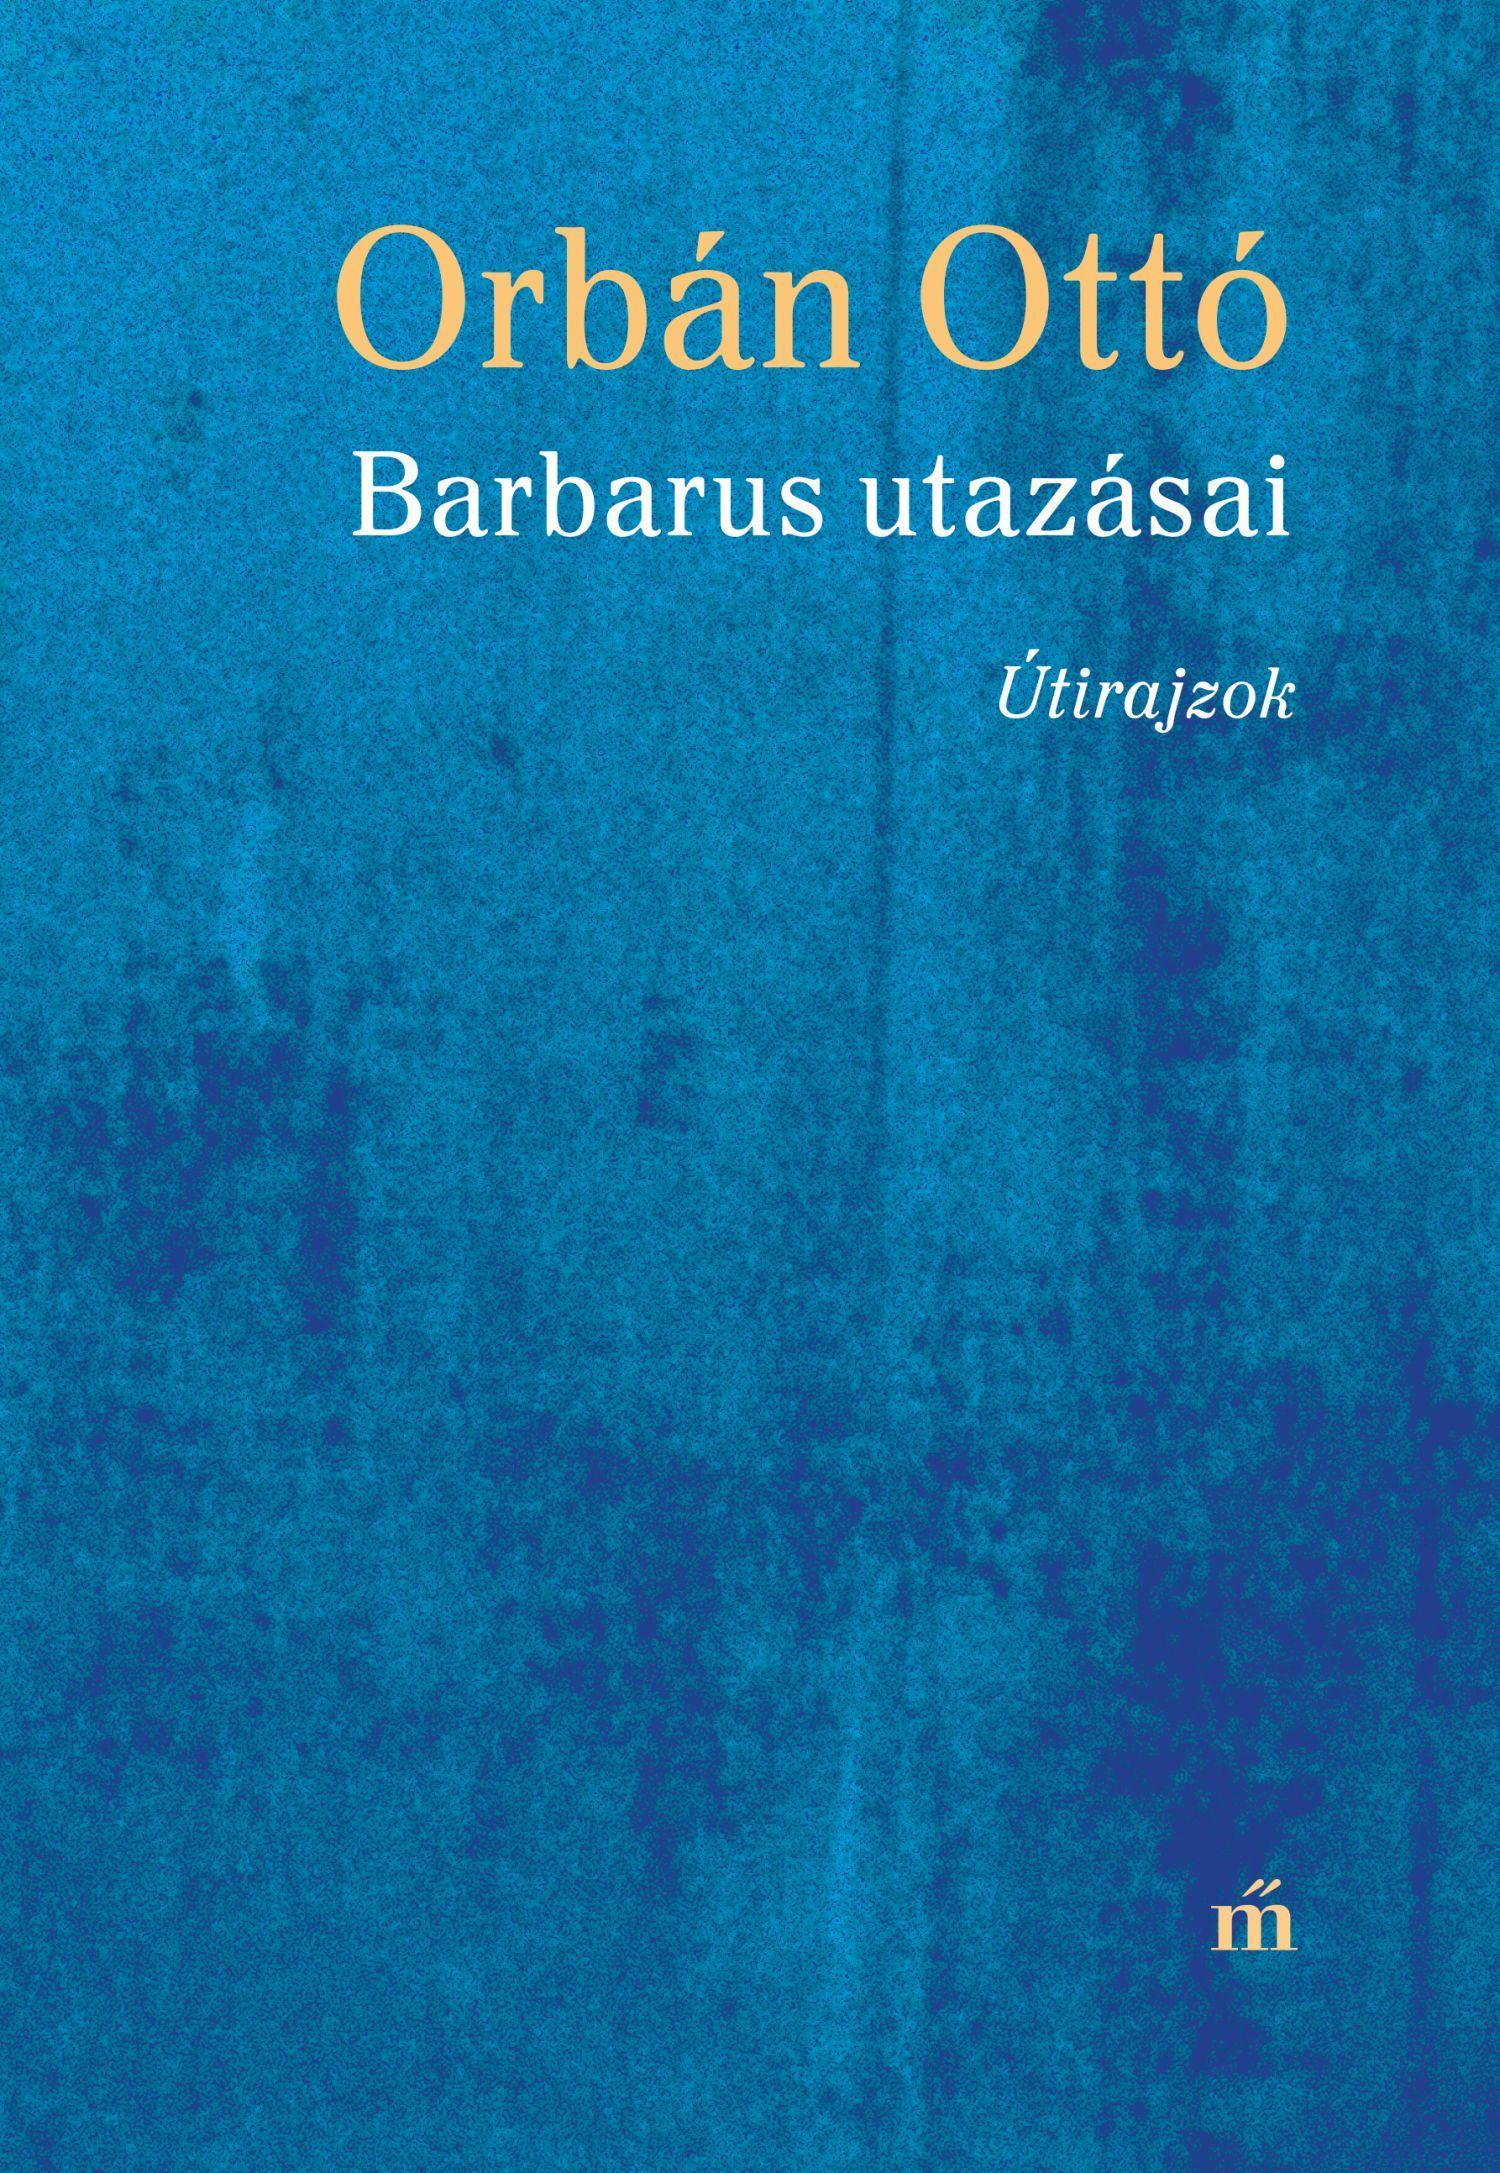 Orbán Ottó - Barbarus utazásai - Útirajzok